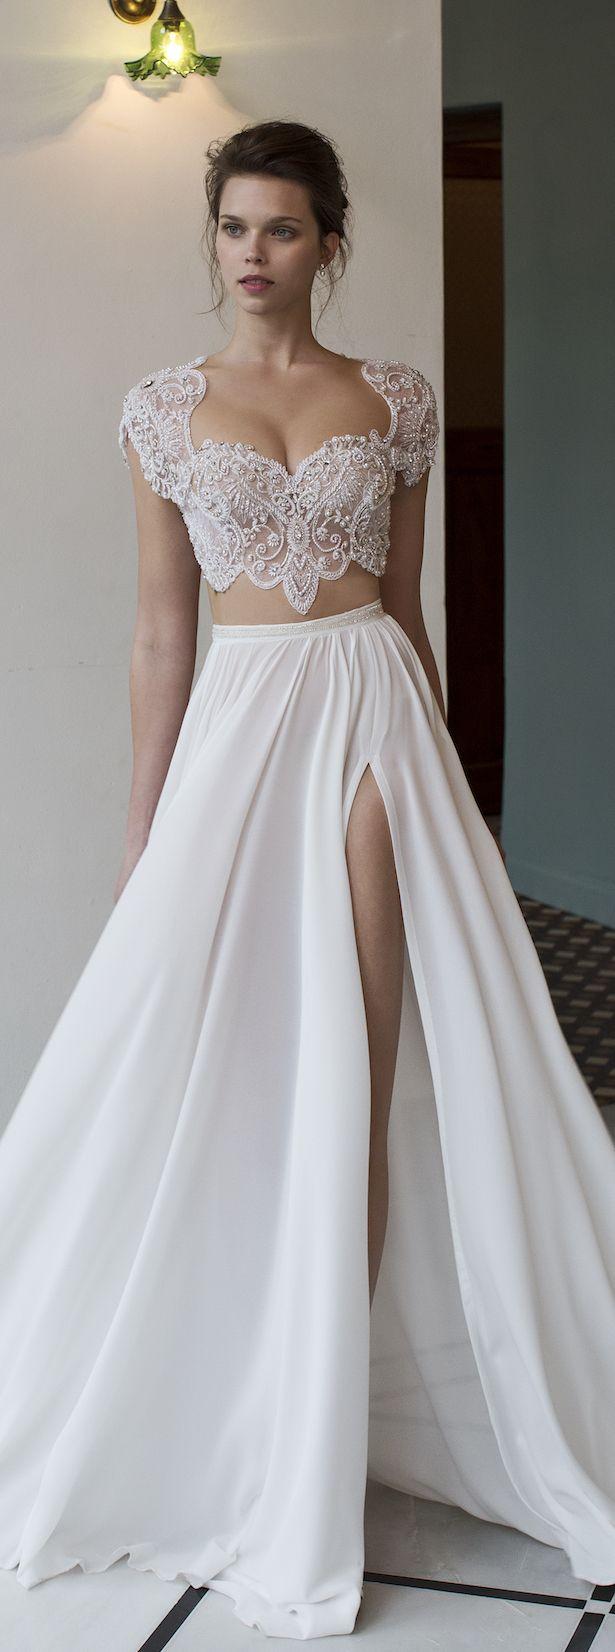 Свадебные платья топ и юбка 2017-2018